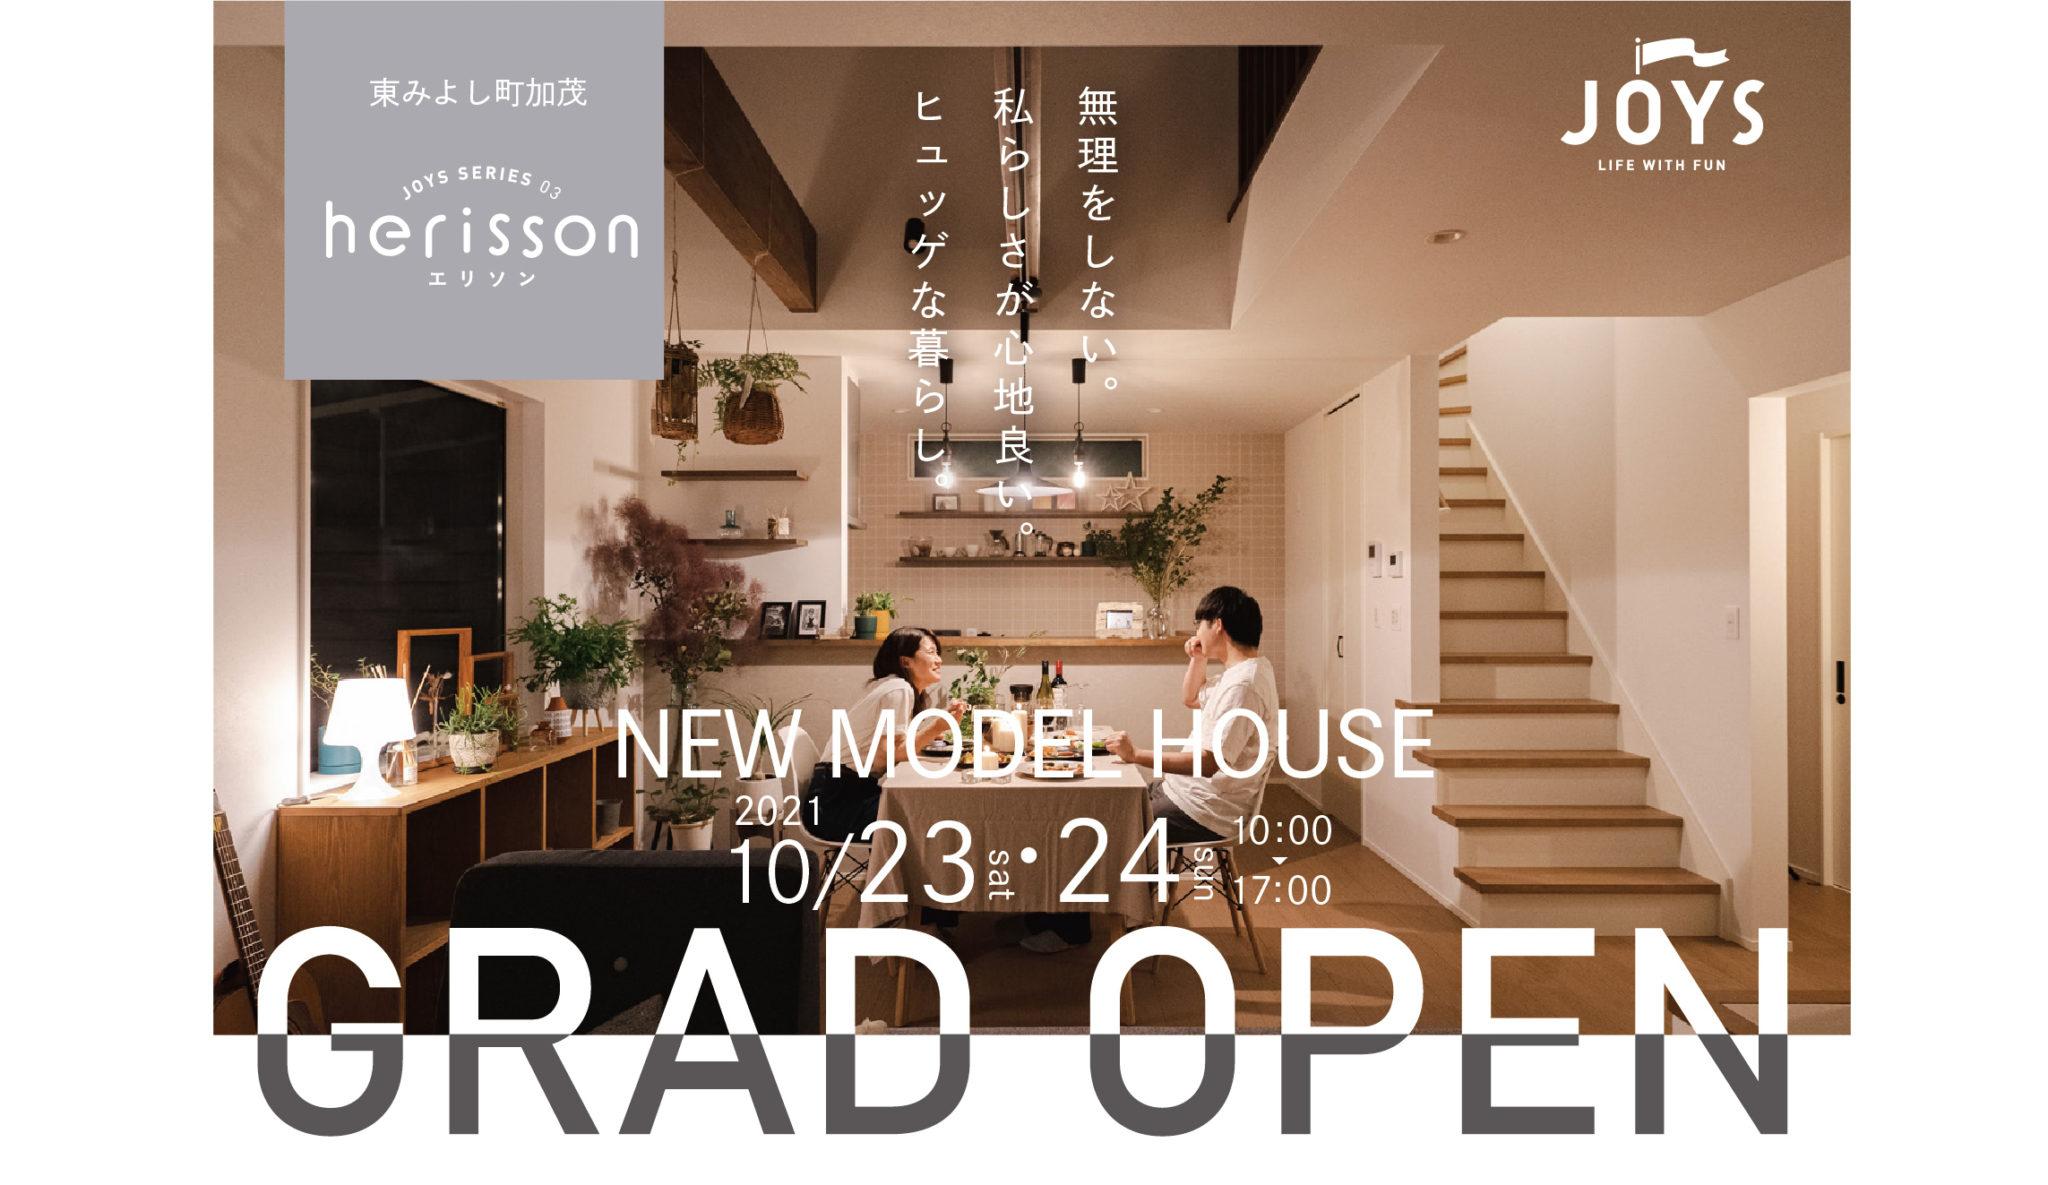 10月23日(土)・24日(日)、東みよし町で新モデルハウス『herisson(エリソン)』のオープンイベントを開催